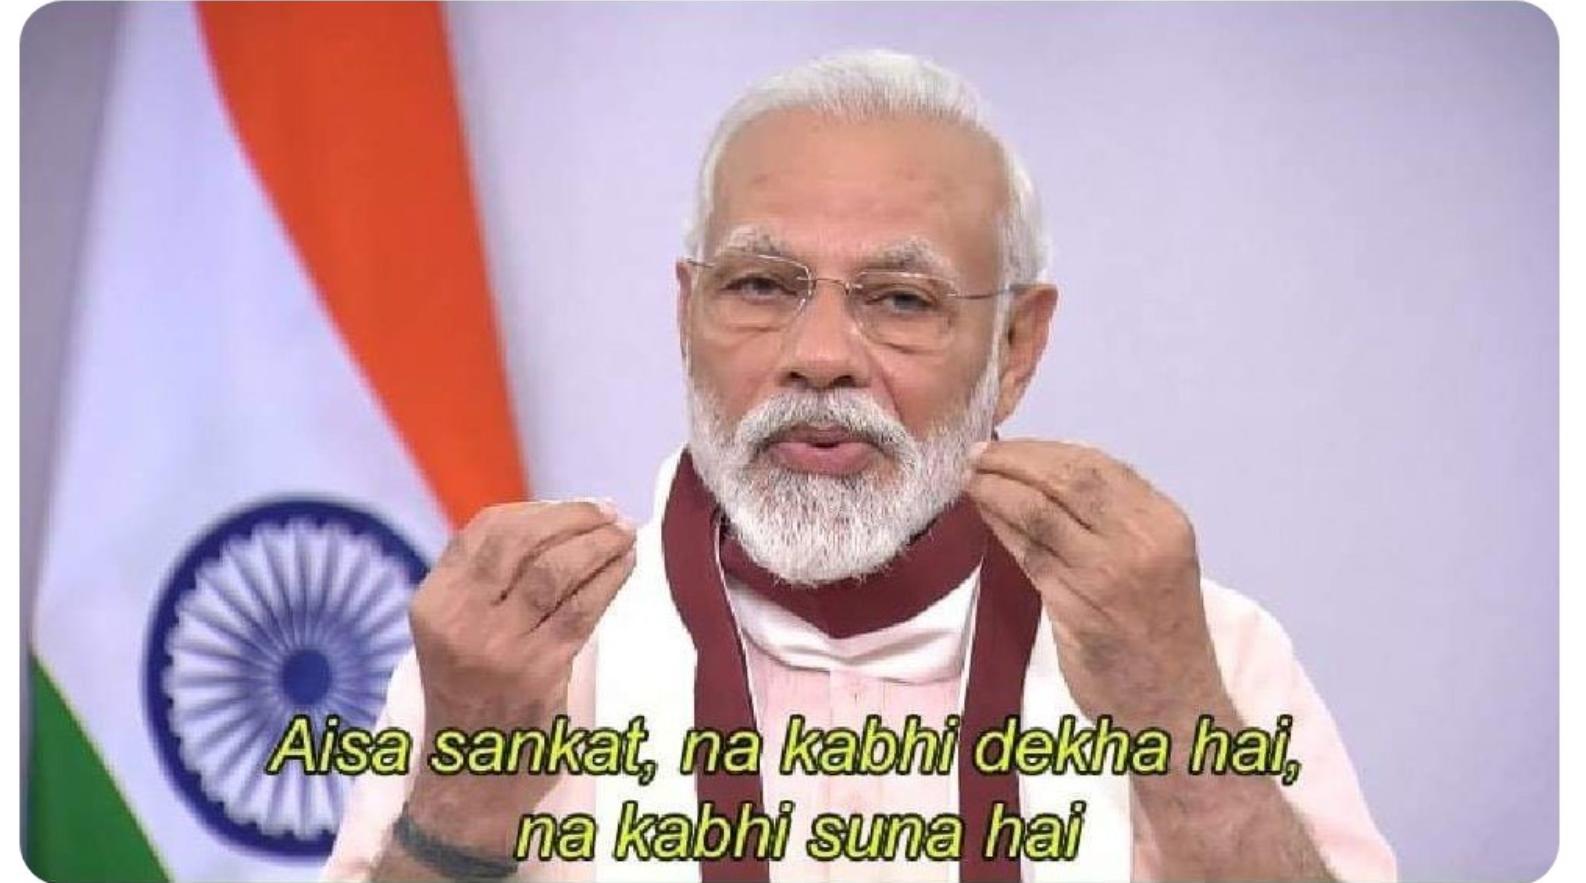 Aisa Sankat, Na Kabhi Dekha Hai, Na Kabhi Suna Hai